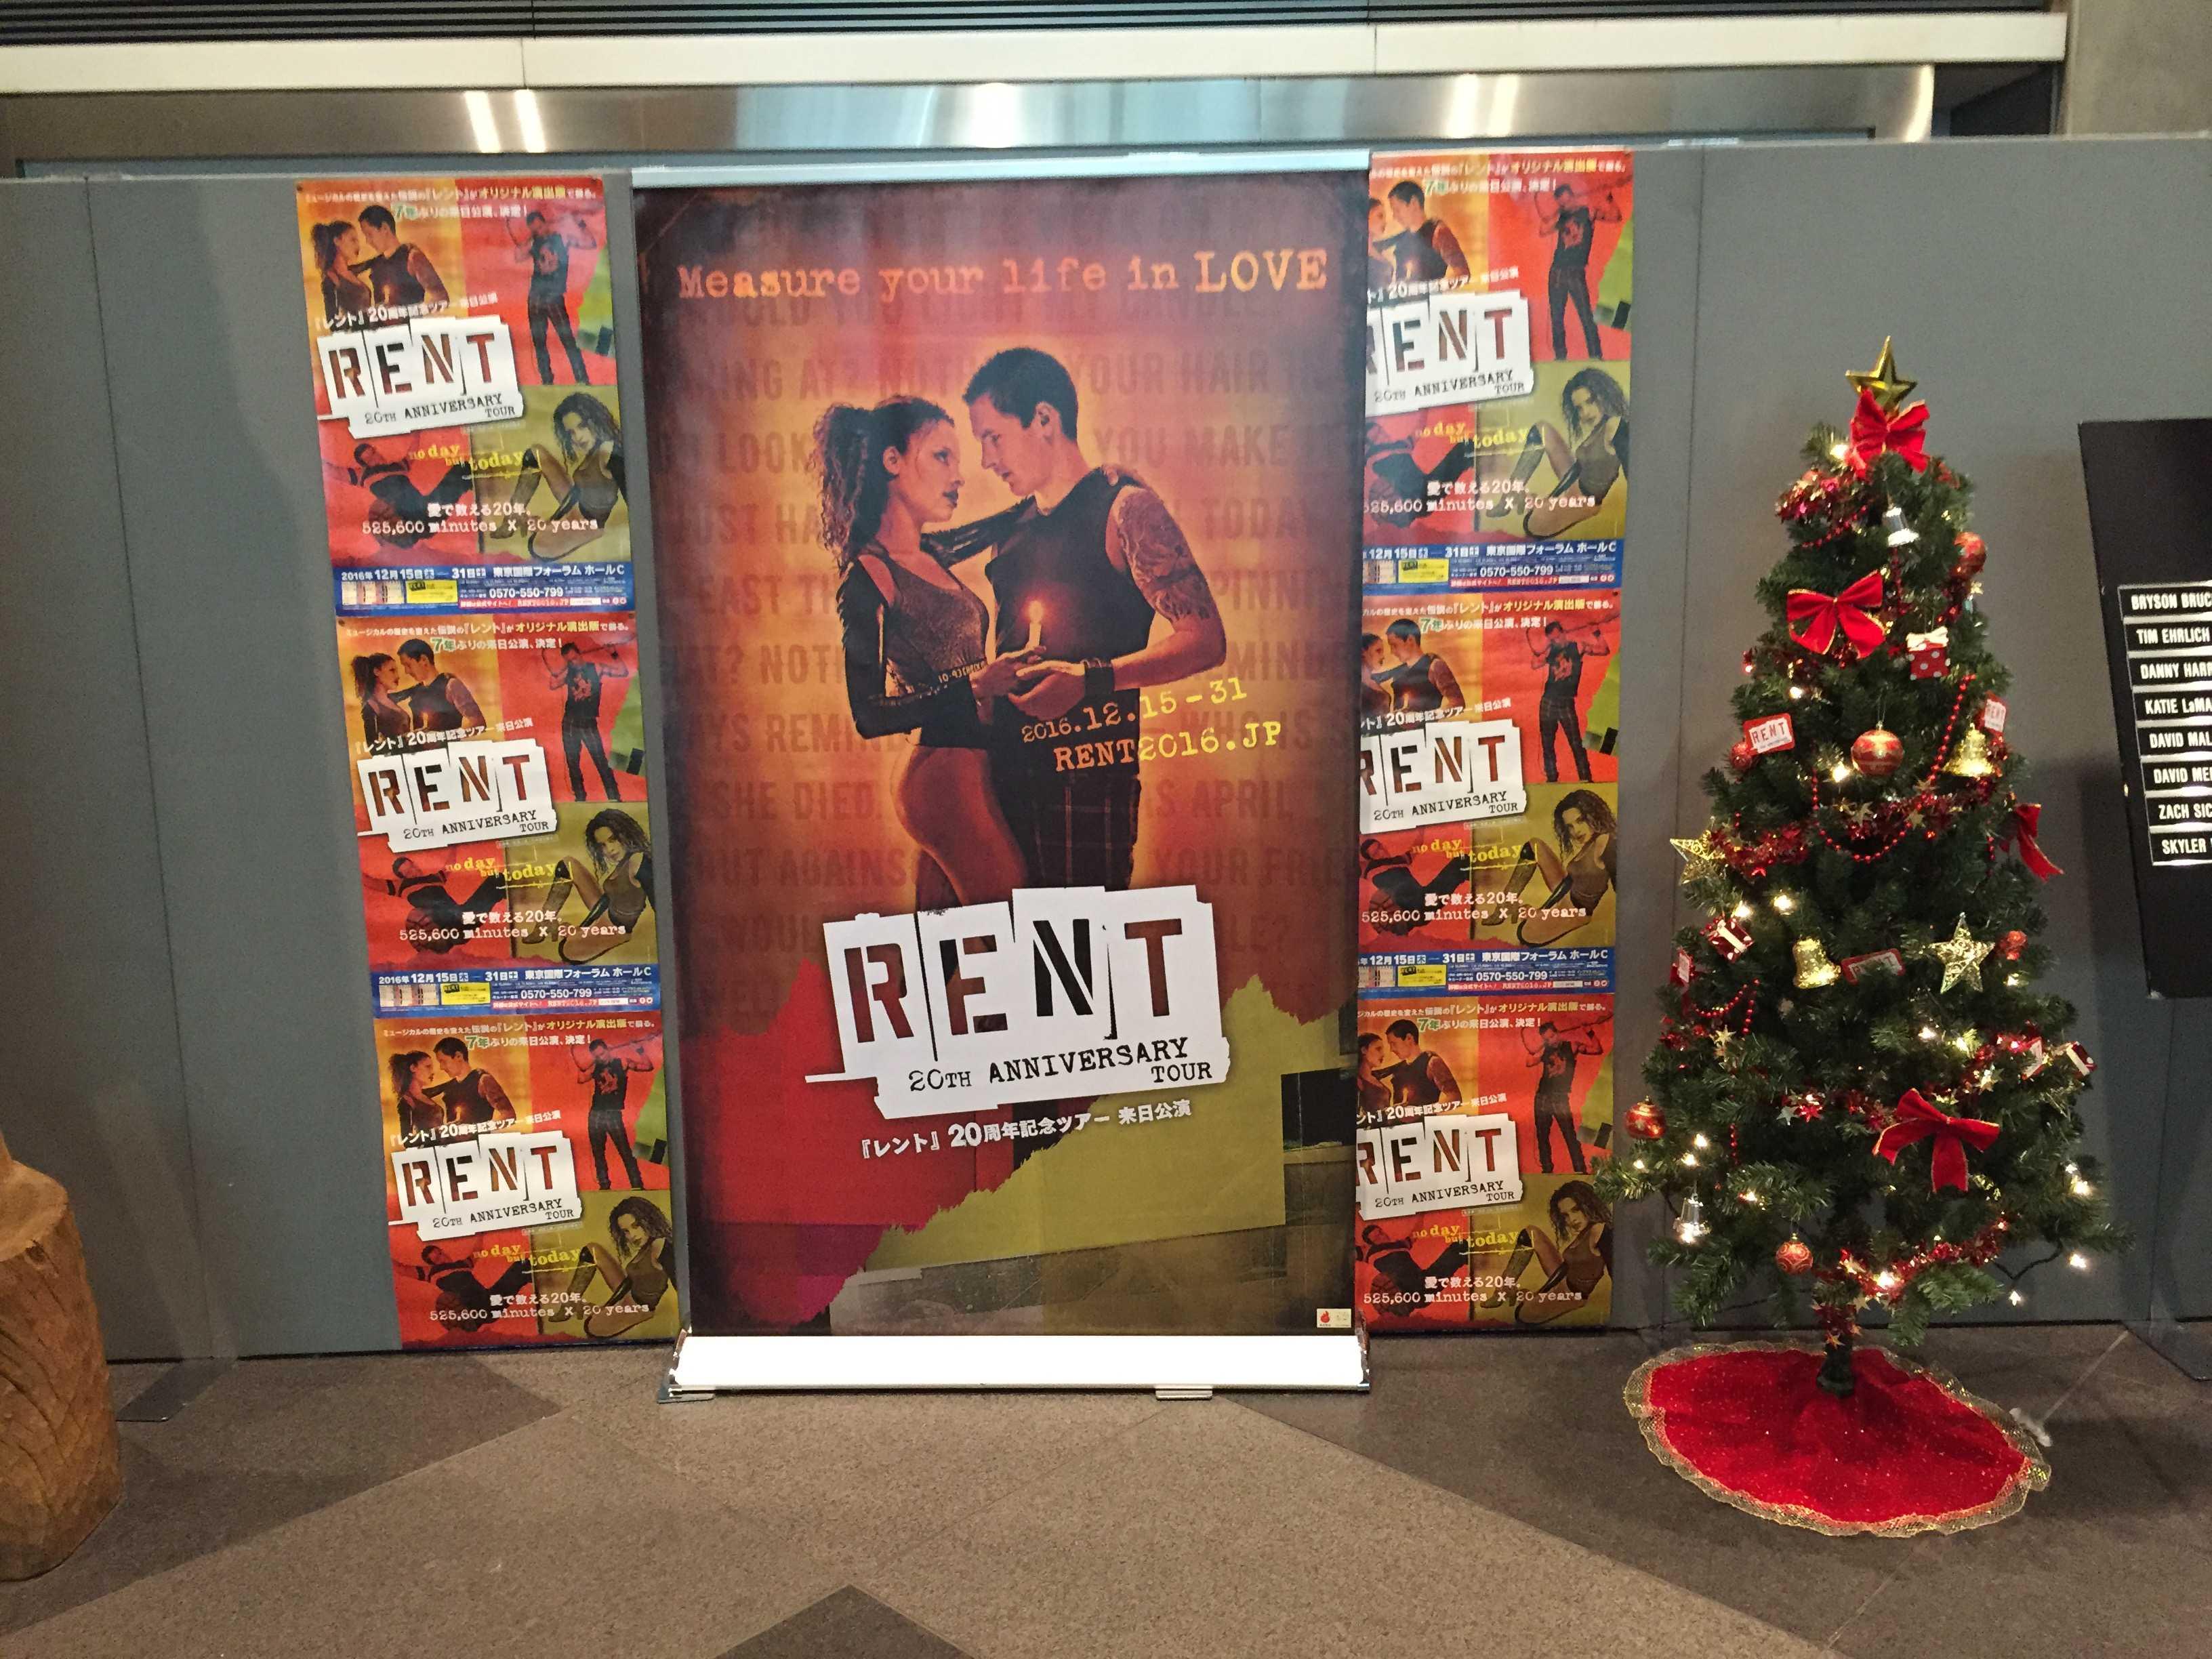 RENT(レント)の国際フォーラム撮影スポット